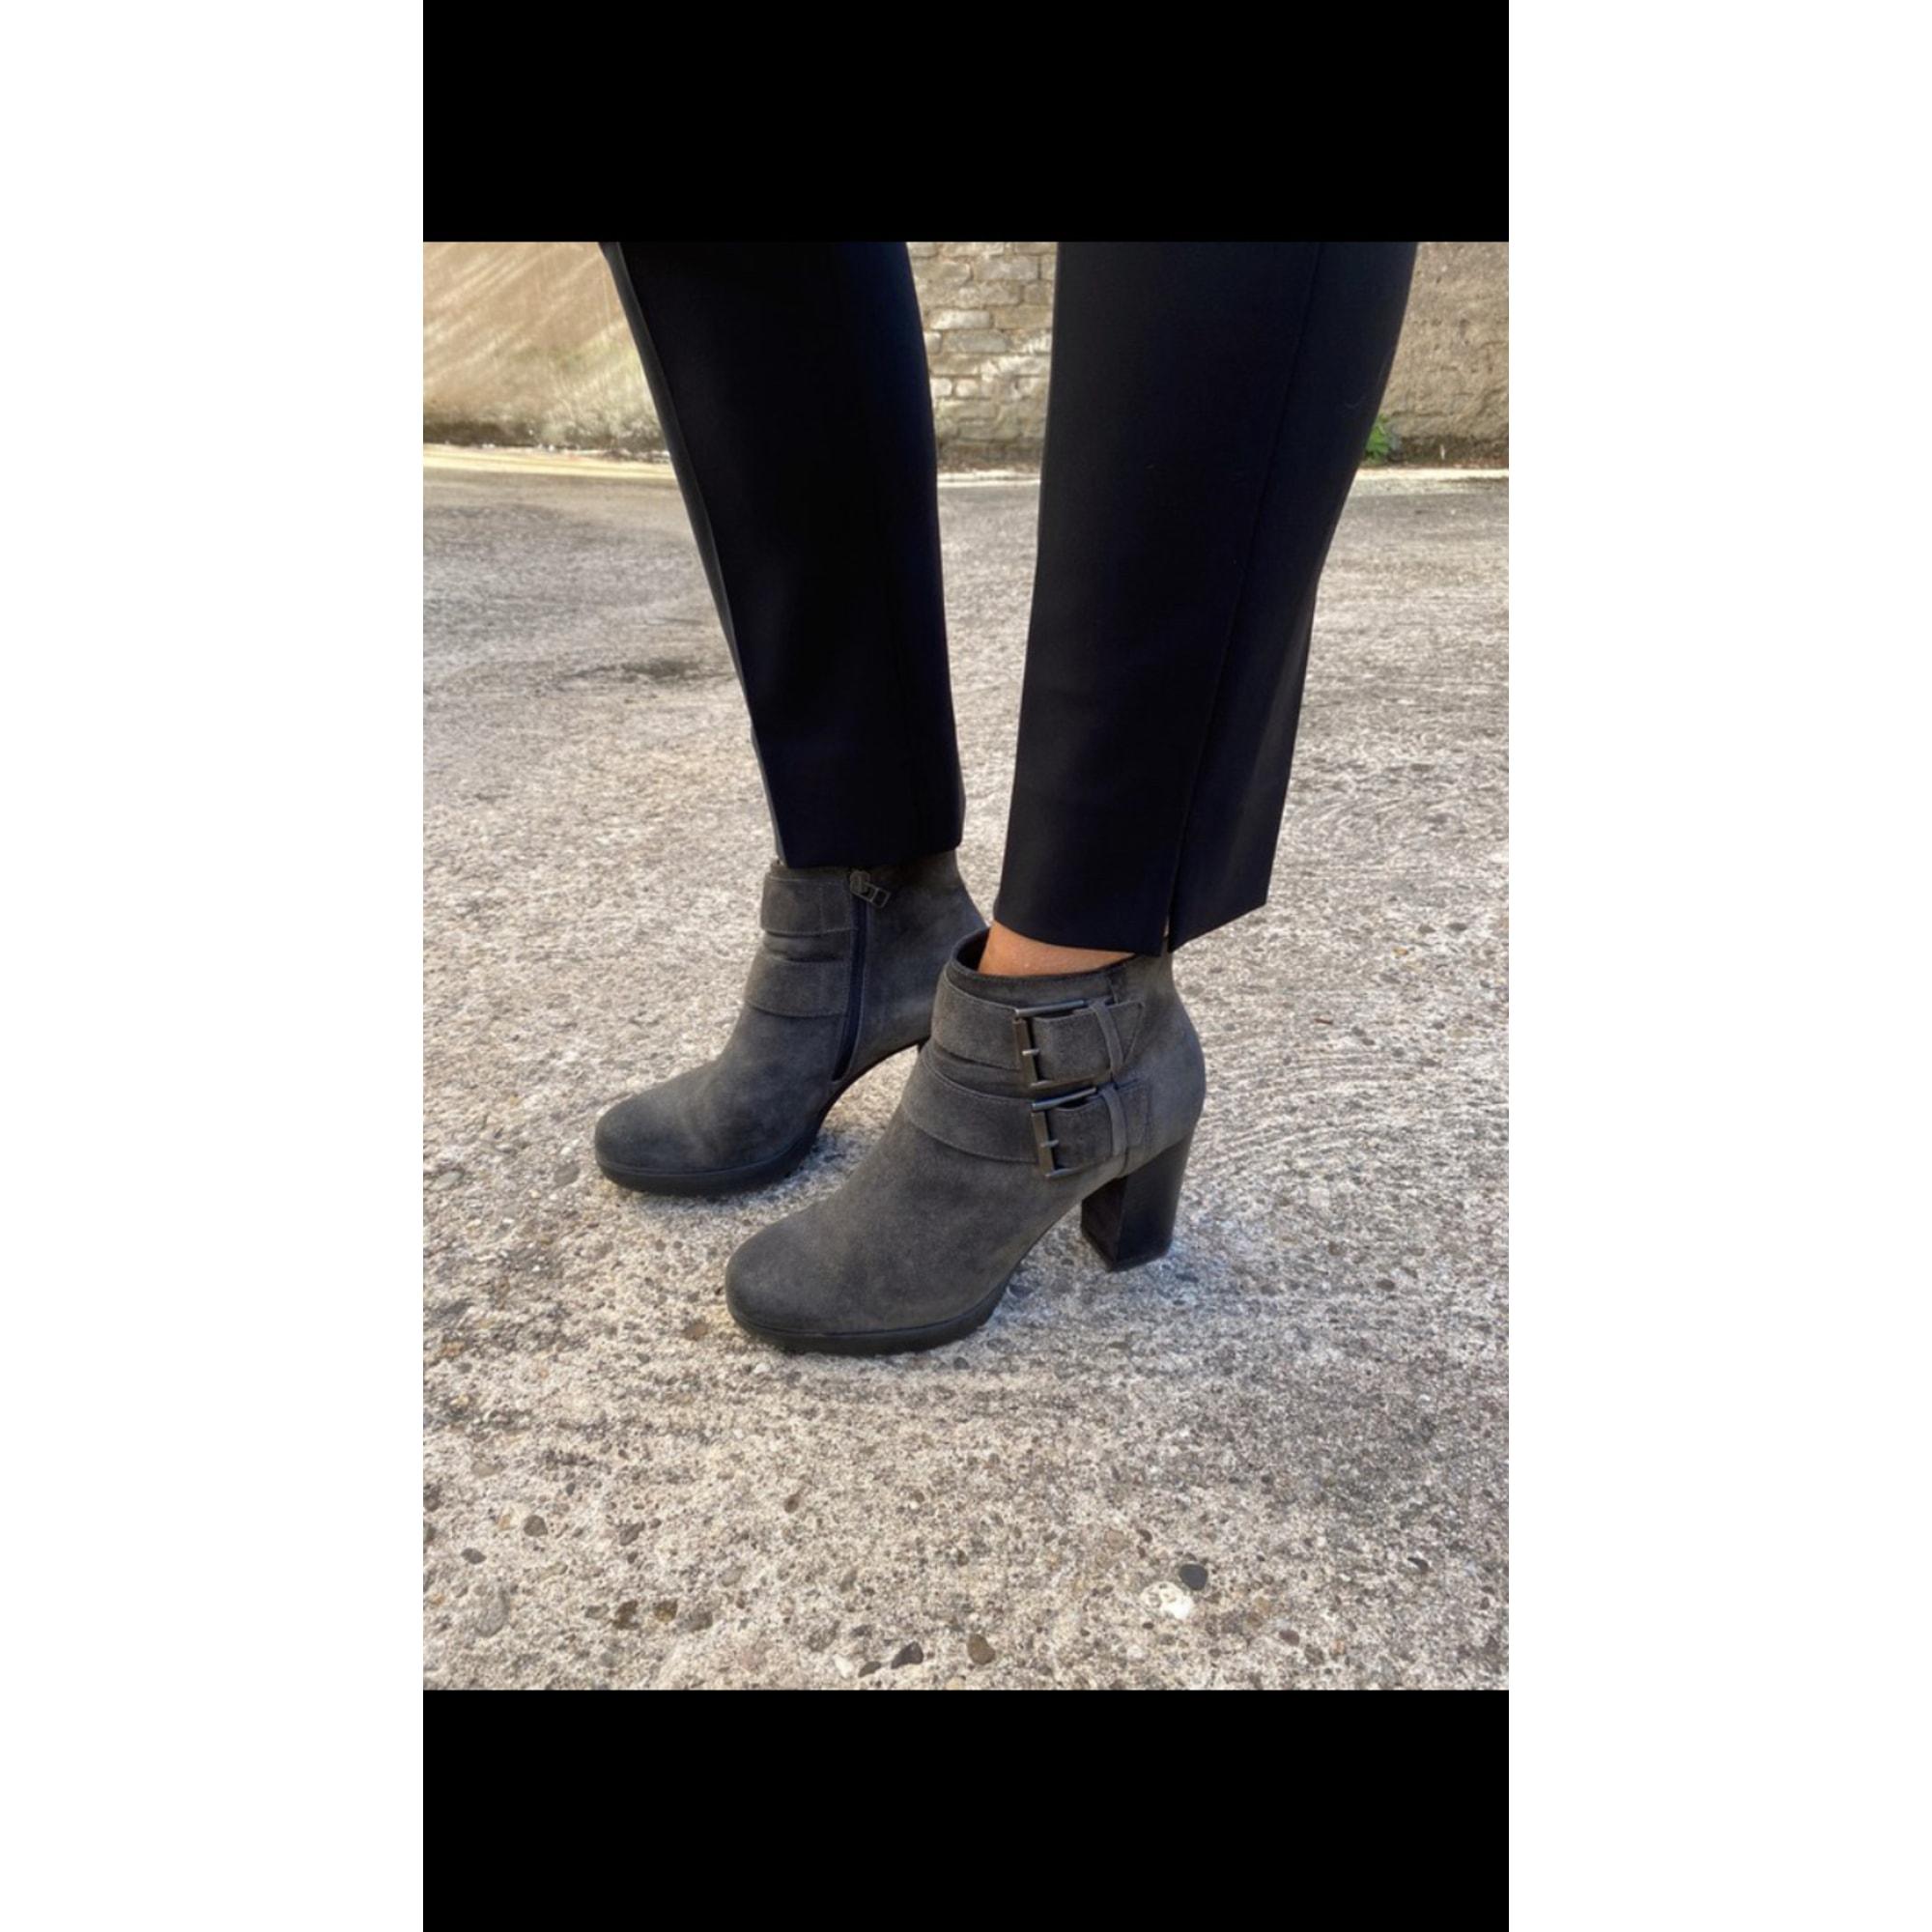 Bottines & low boots à talons JANET SPORT Gris, anthracite